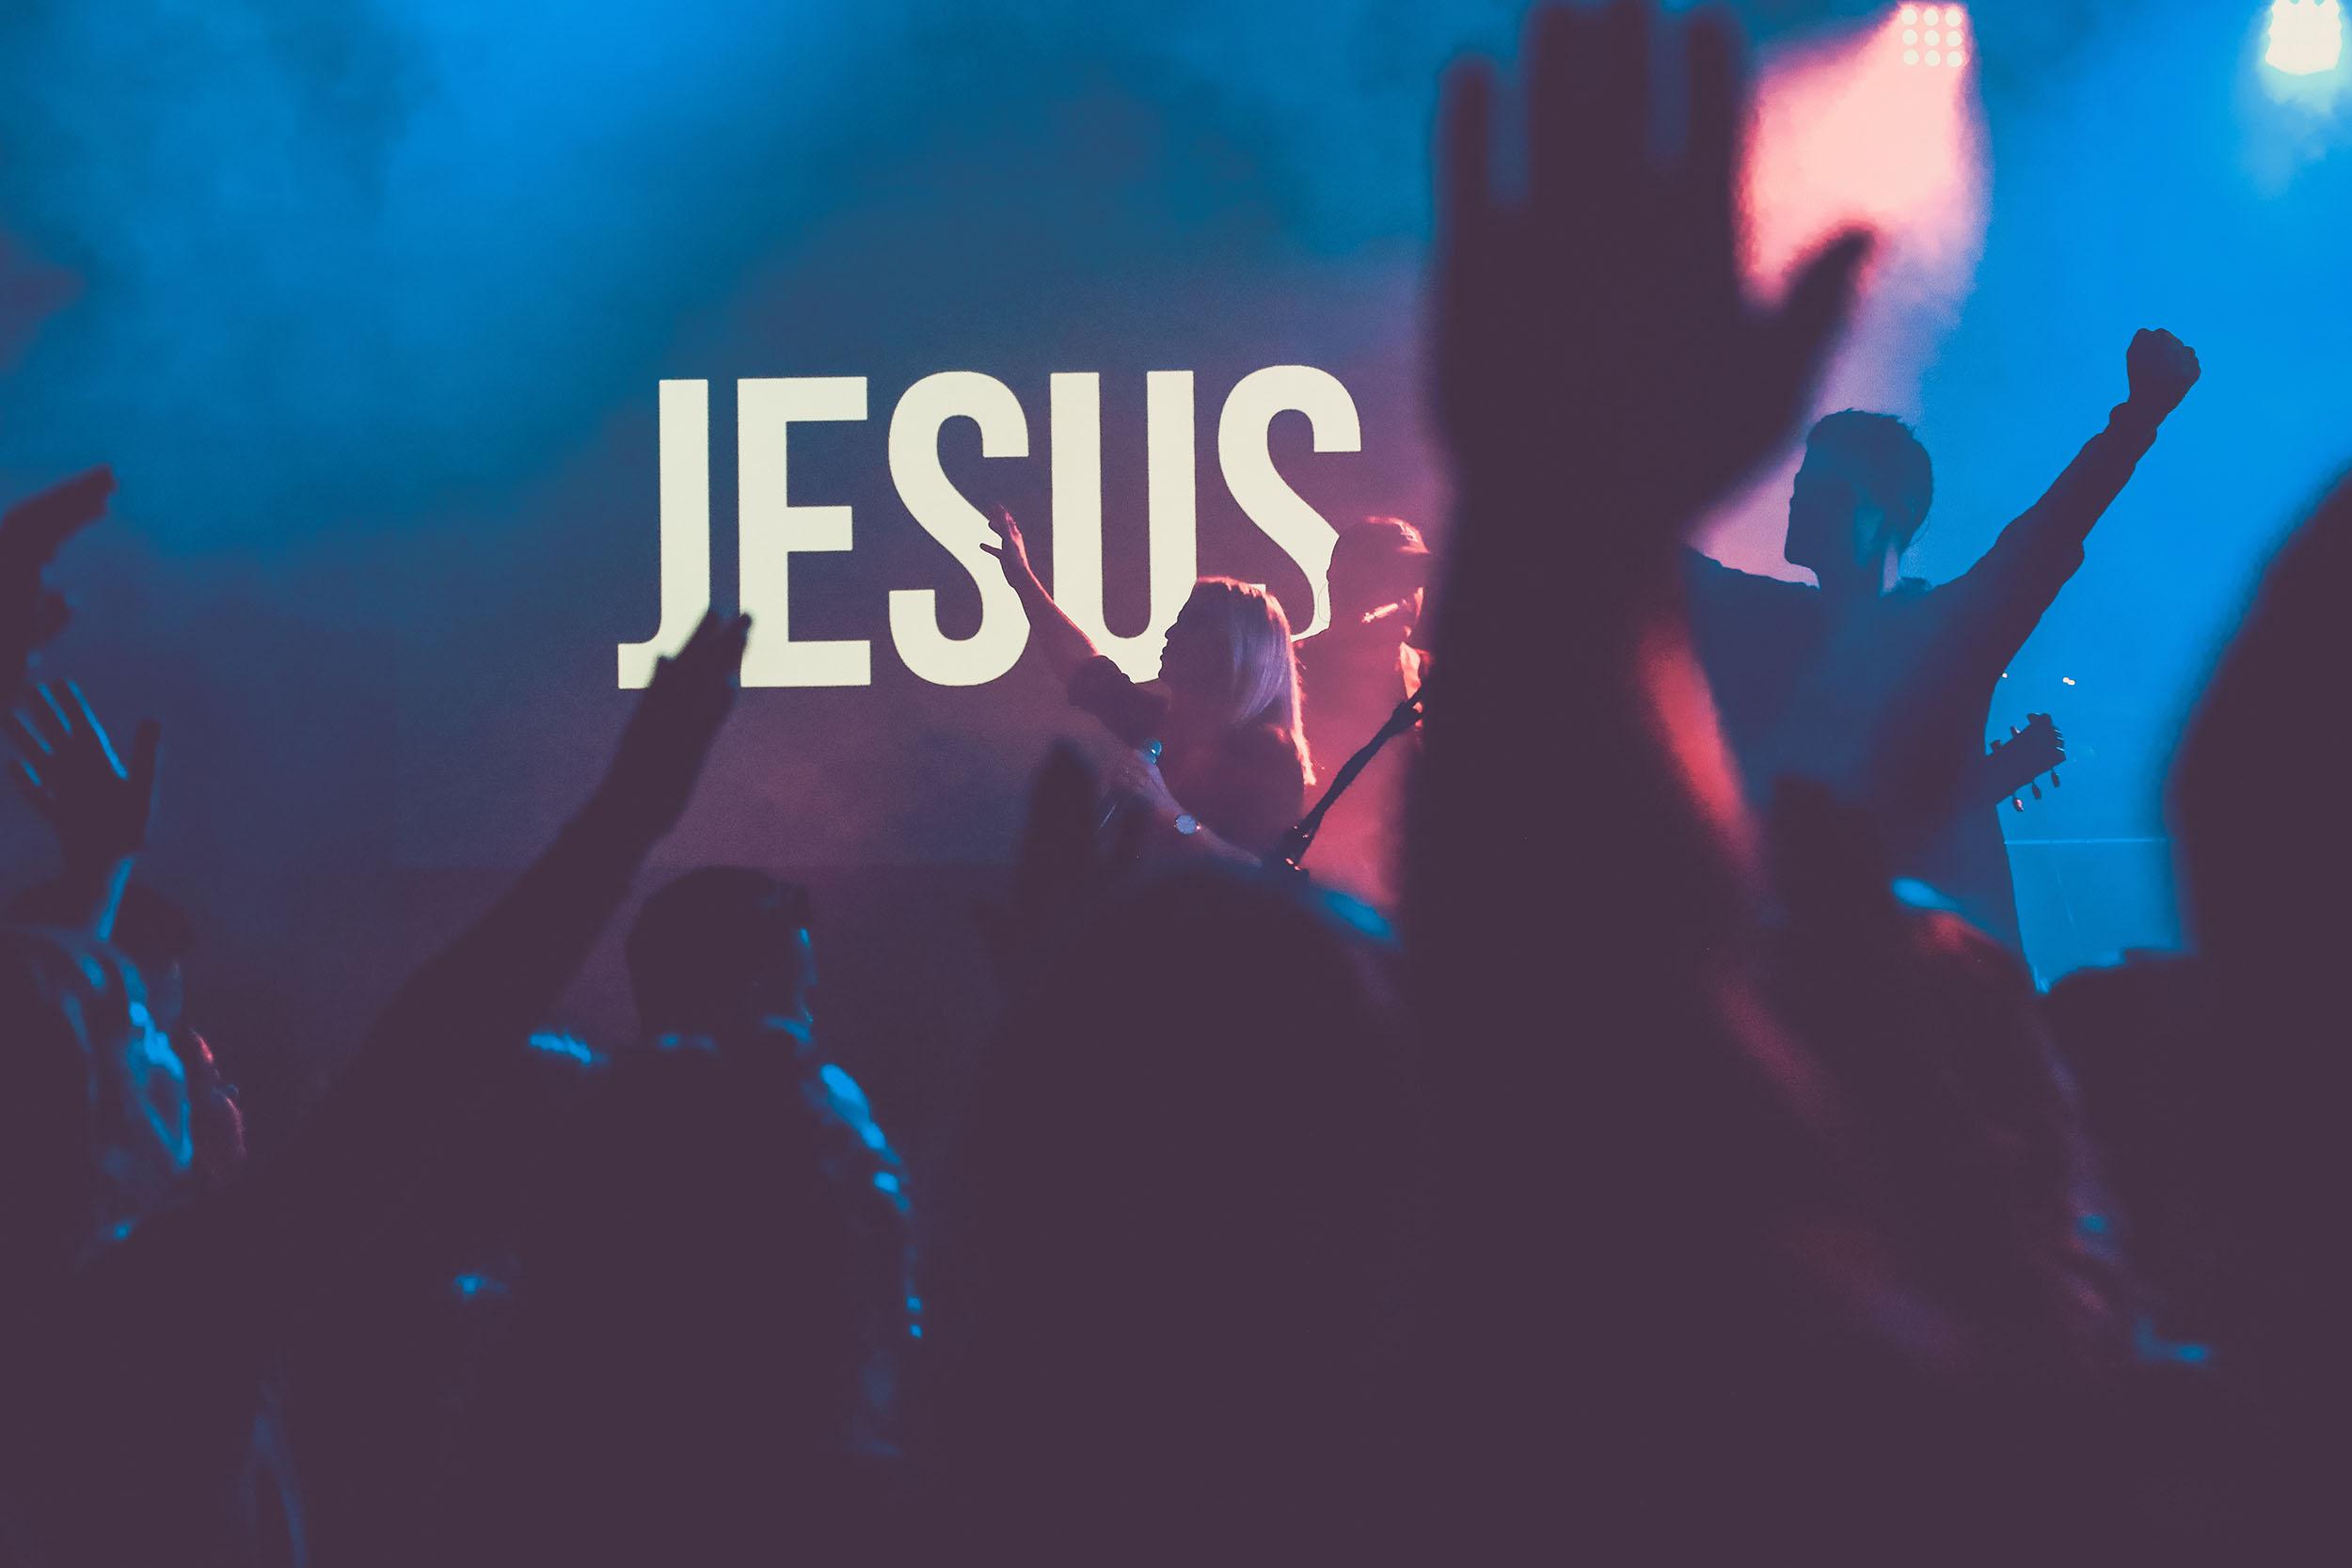 Partenaires - Associations -Chrétien - Jésus